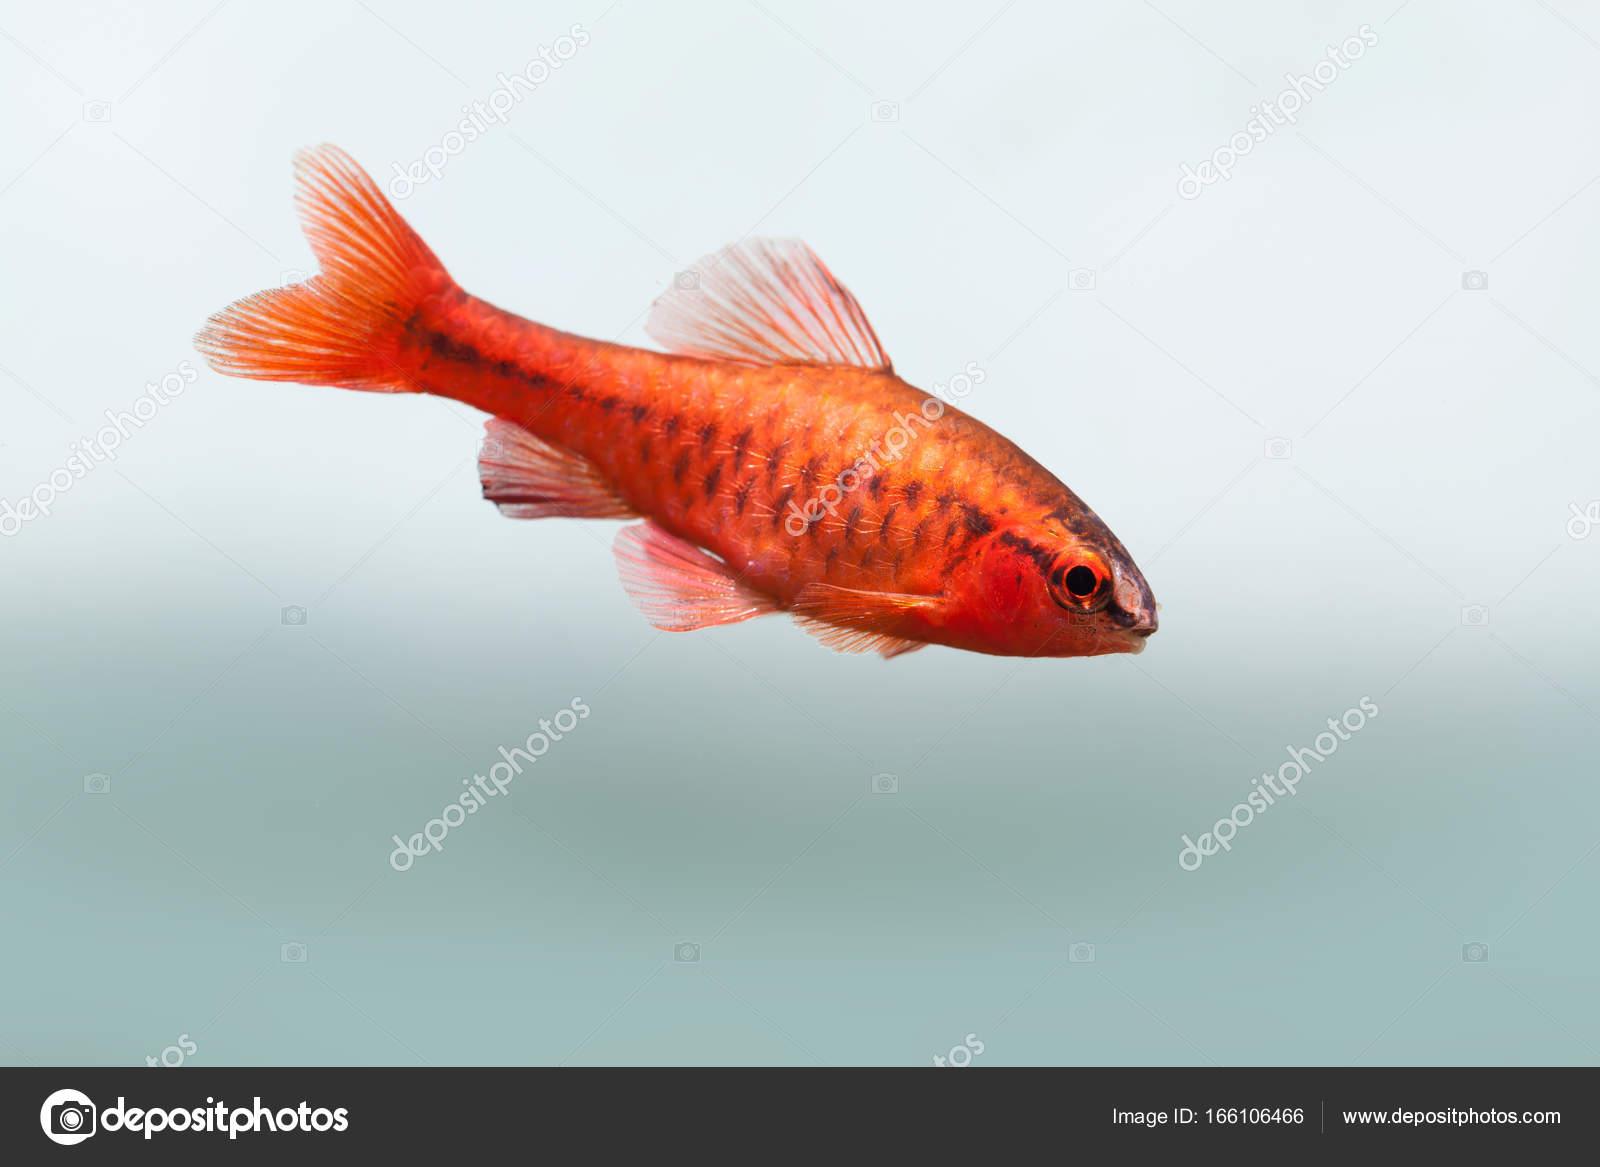 Underwater aquarium still life scene. Red color tropical fish Barb ...